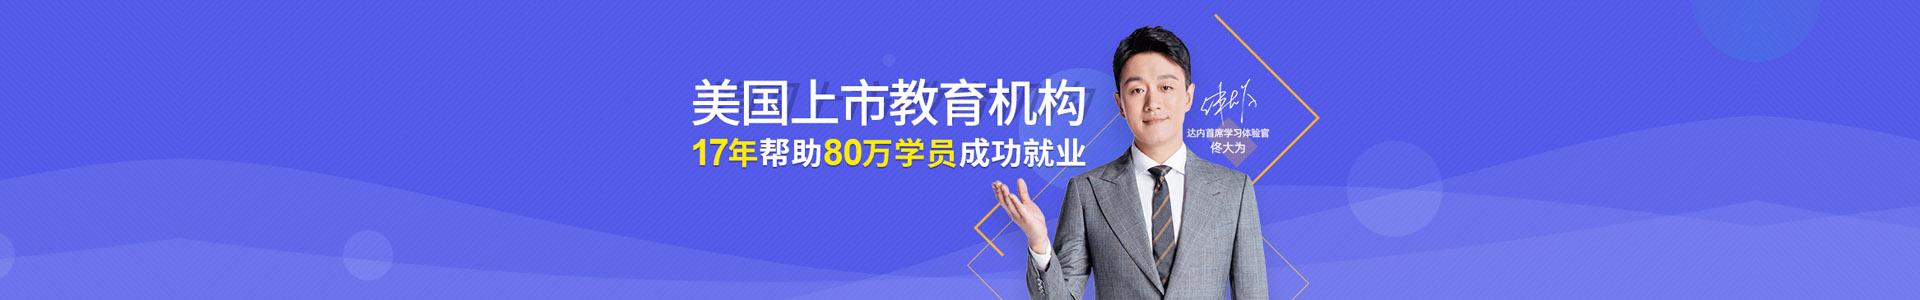 达内IT教育-武汉校区